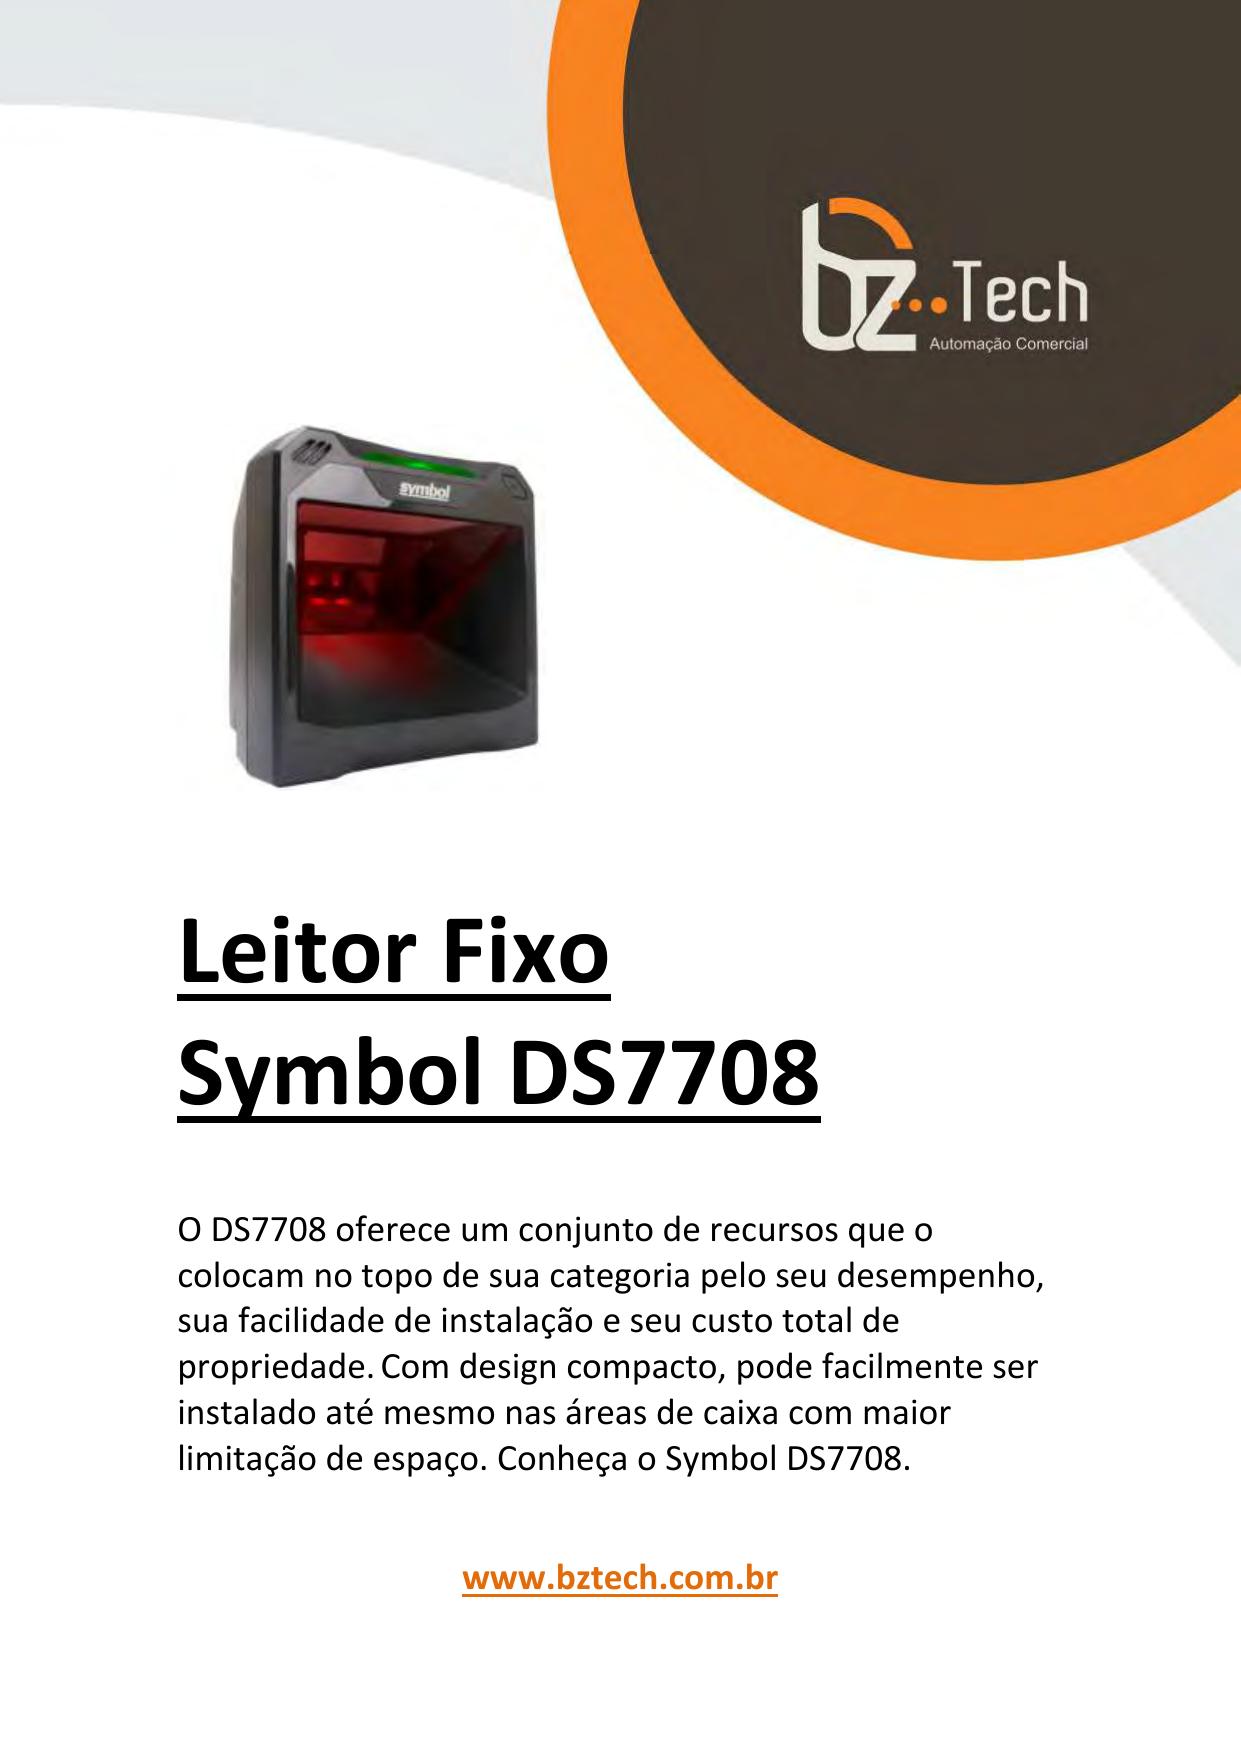 Maxicode QR Code Aztec Supports 2D Codes: PDF417 Etc Model/2